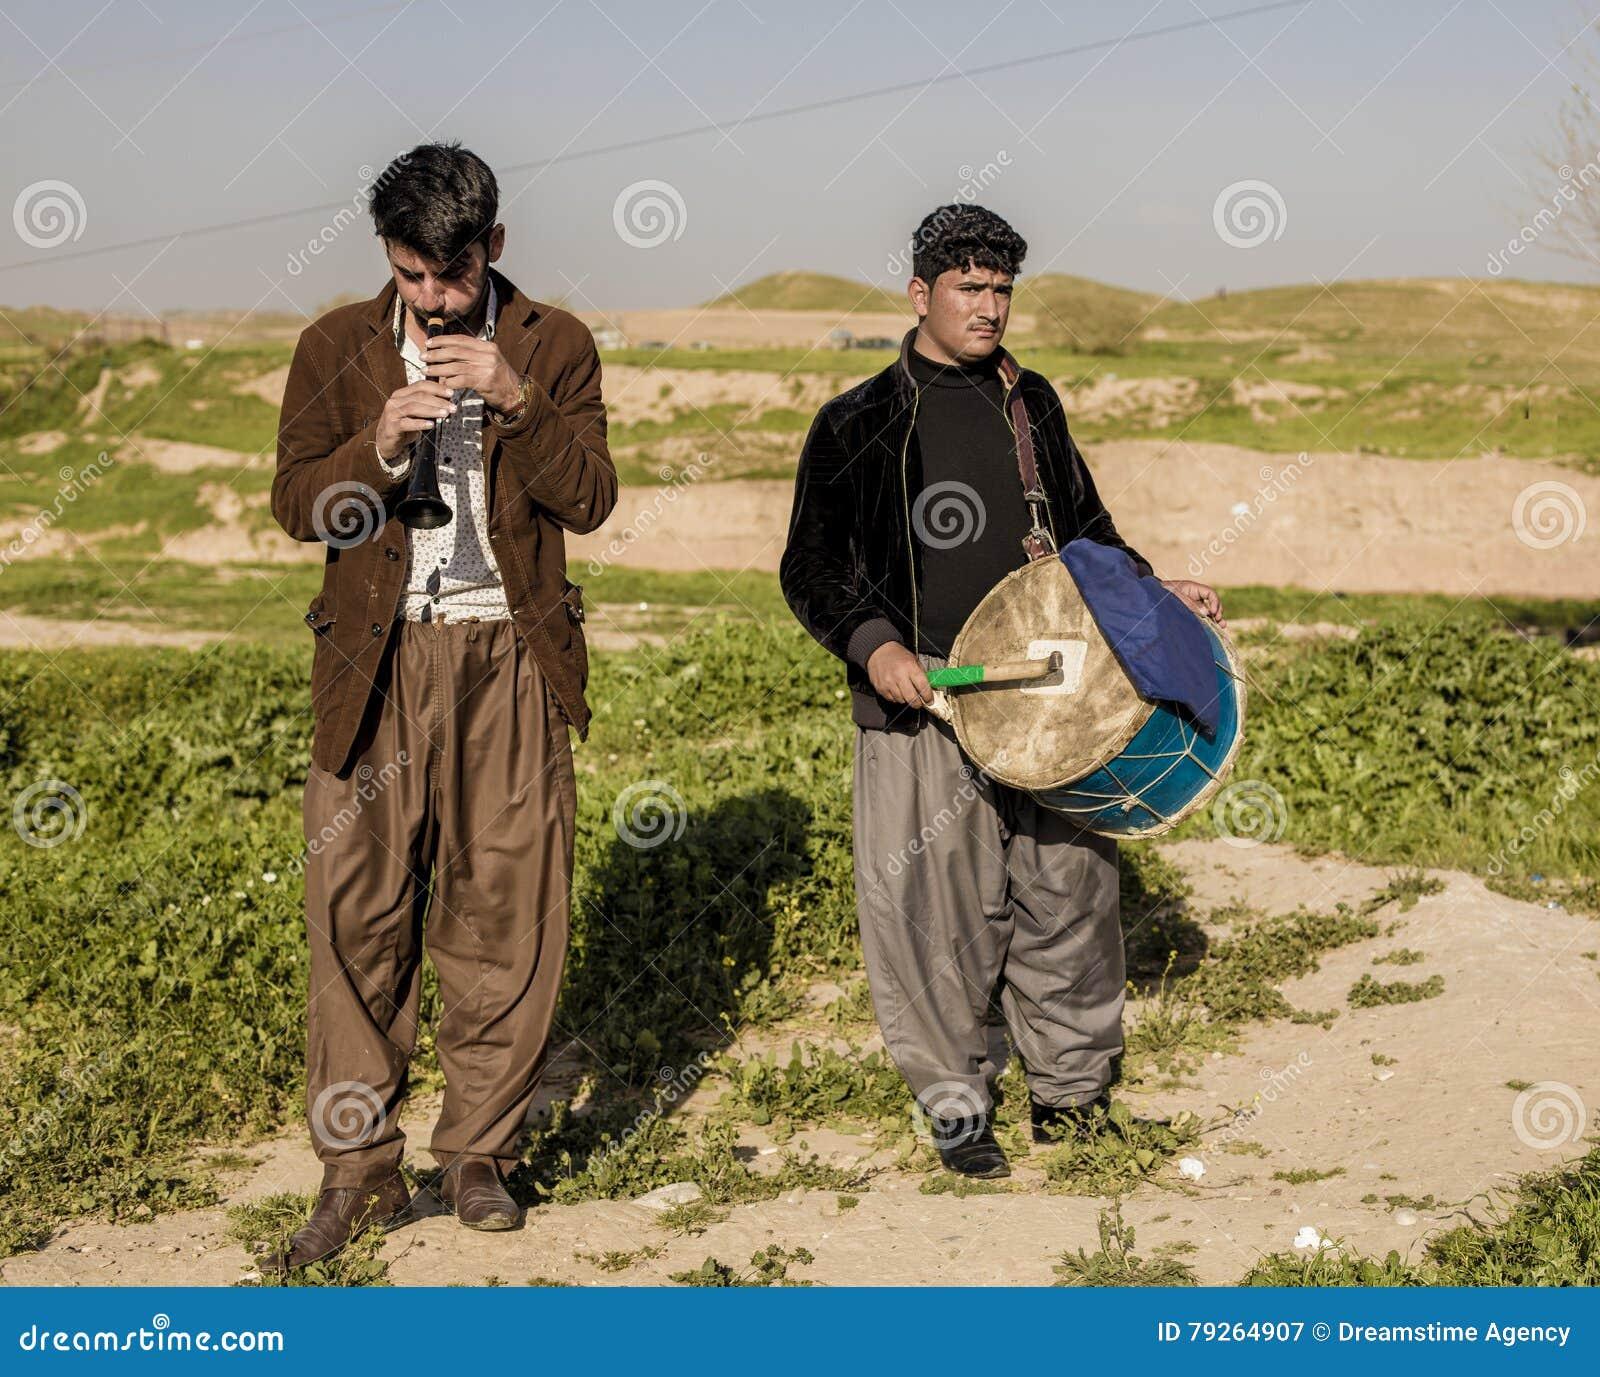 Kurdish men playing music